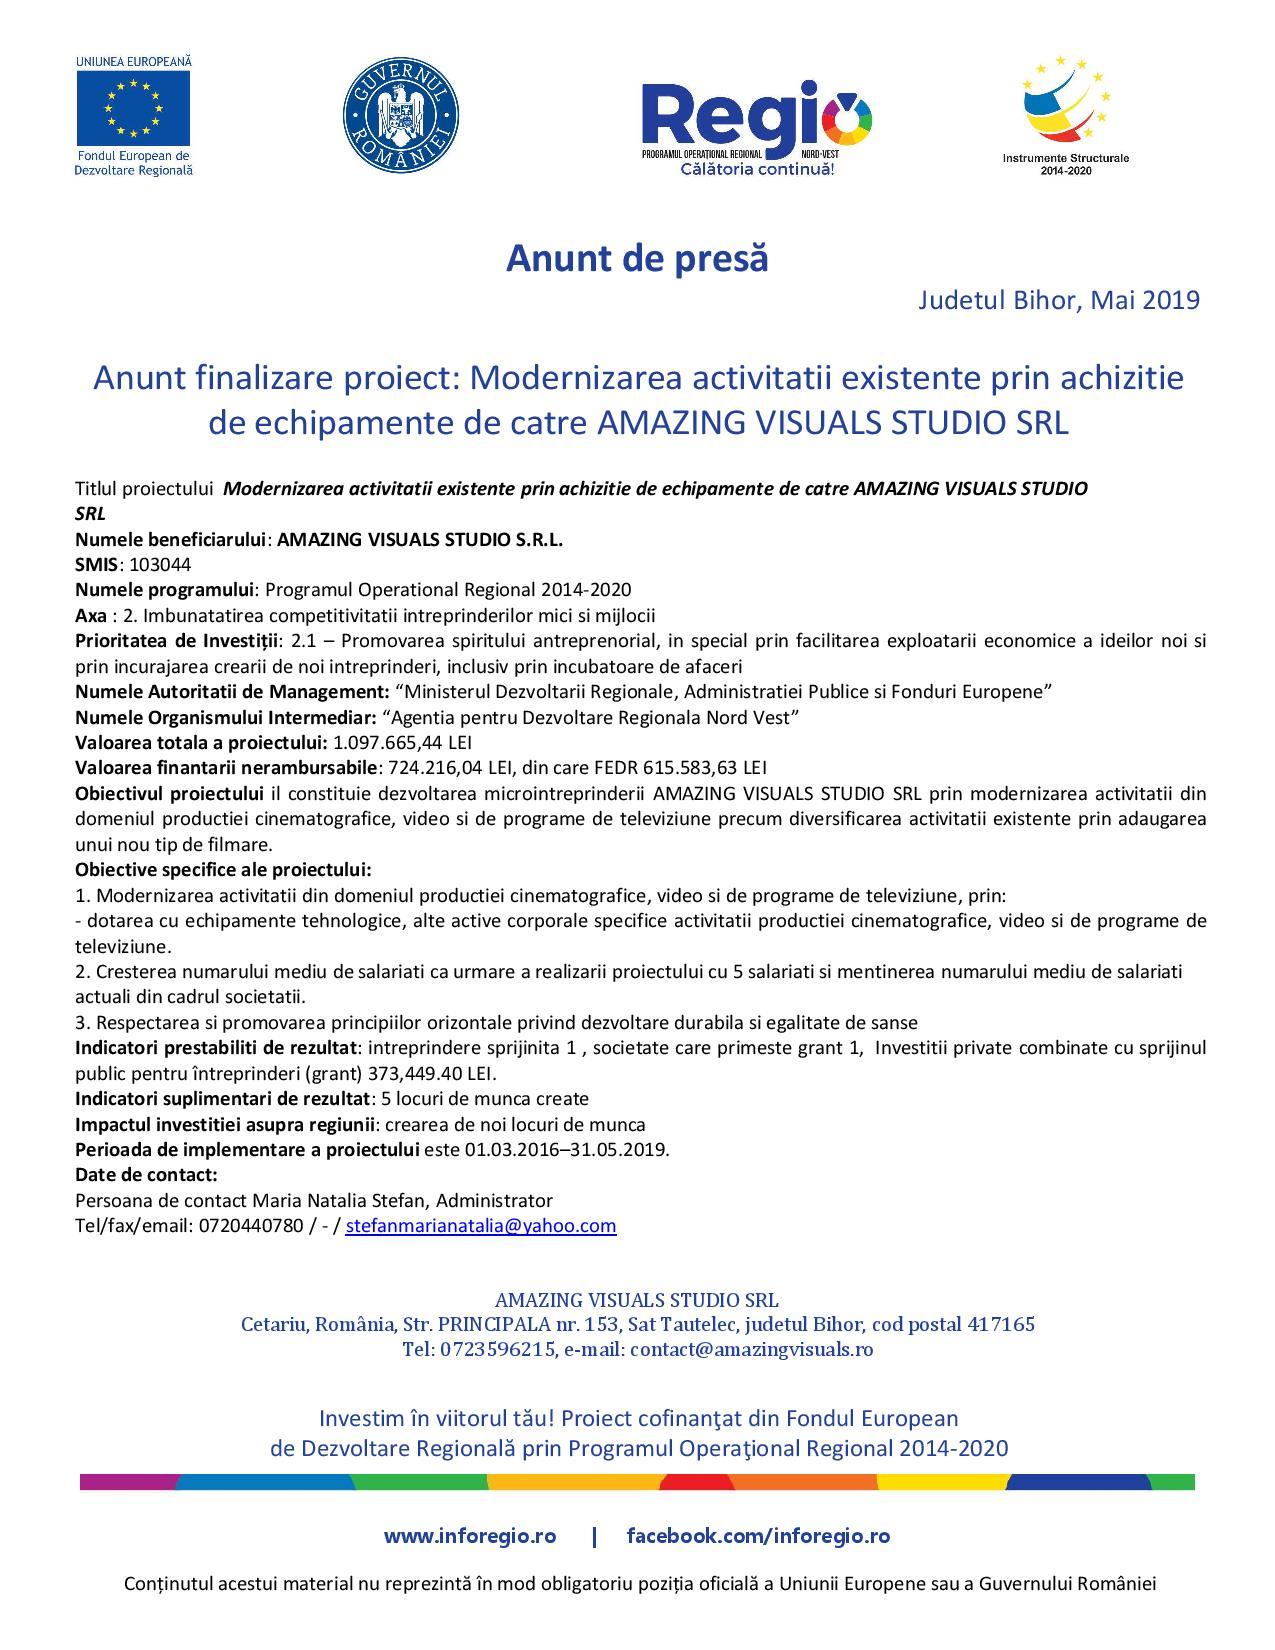 Anunt-de-presa-model-NV-2_final-page-001